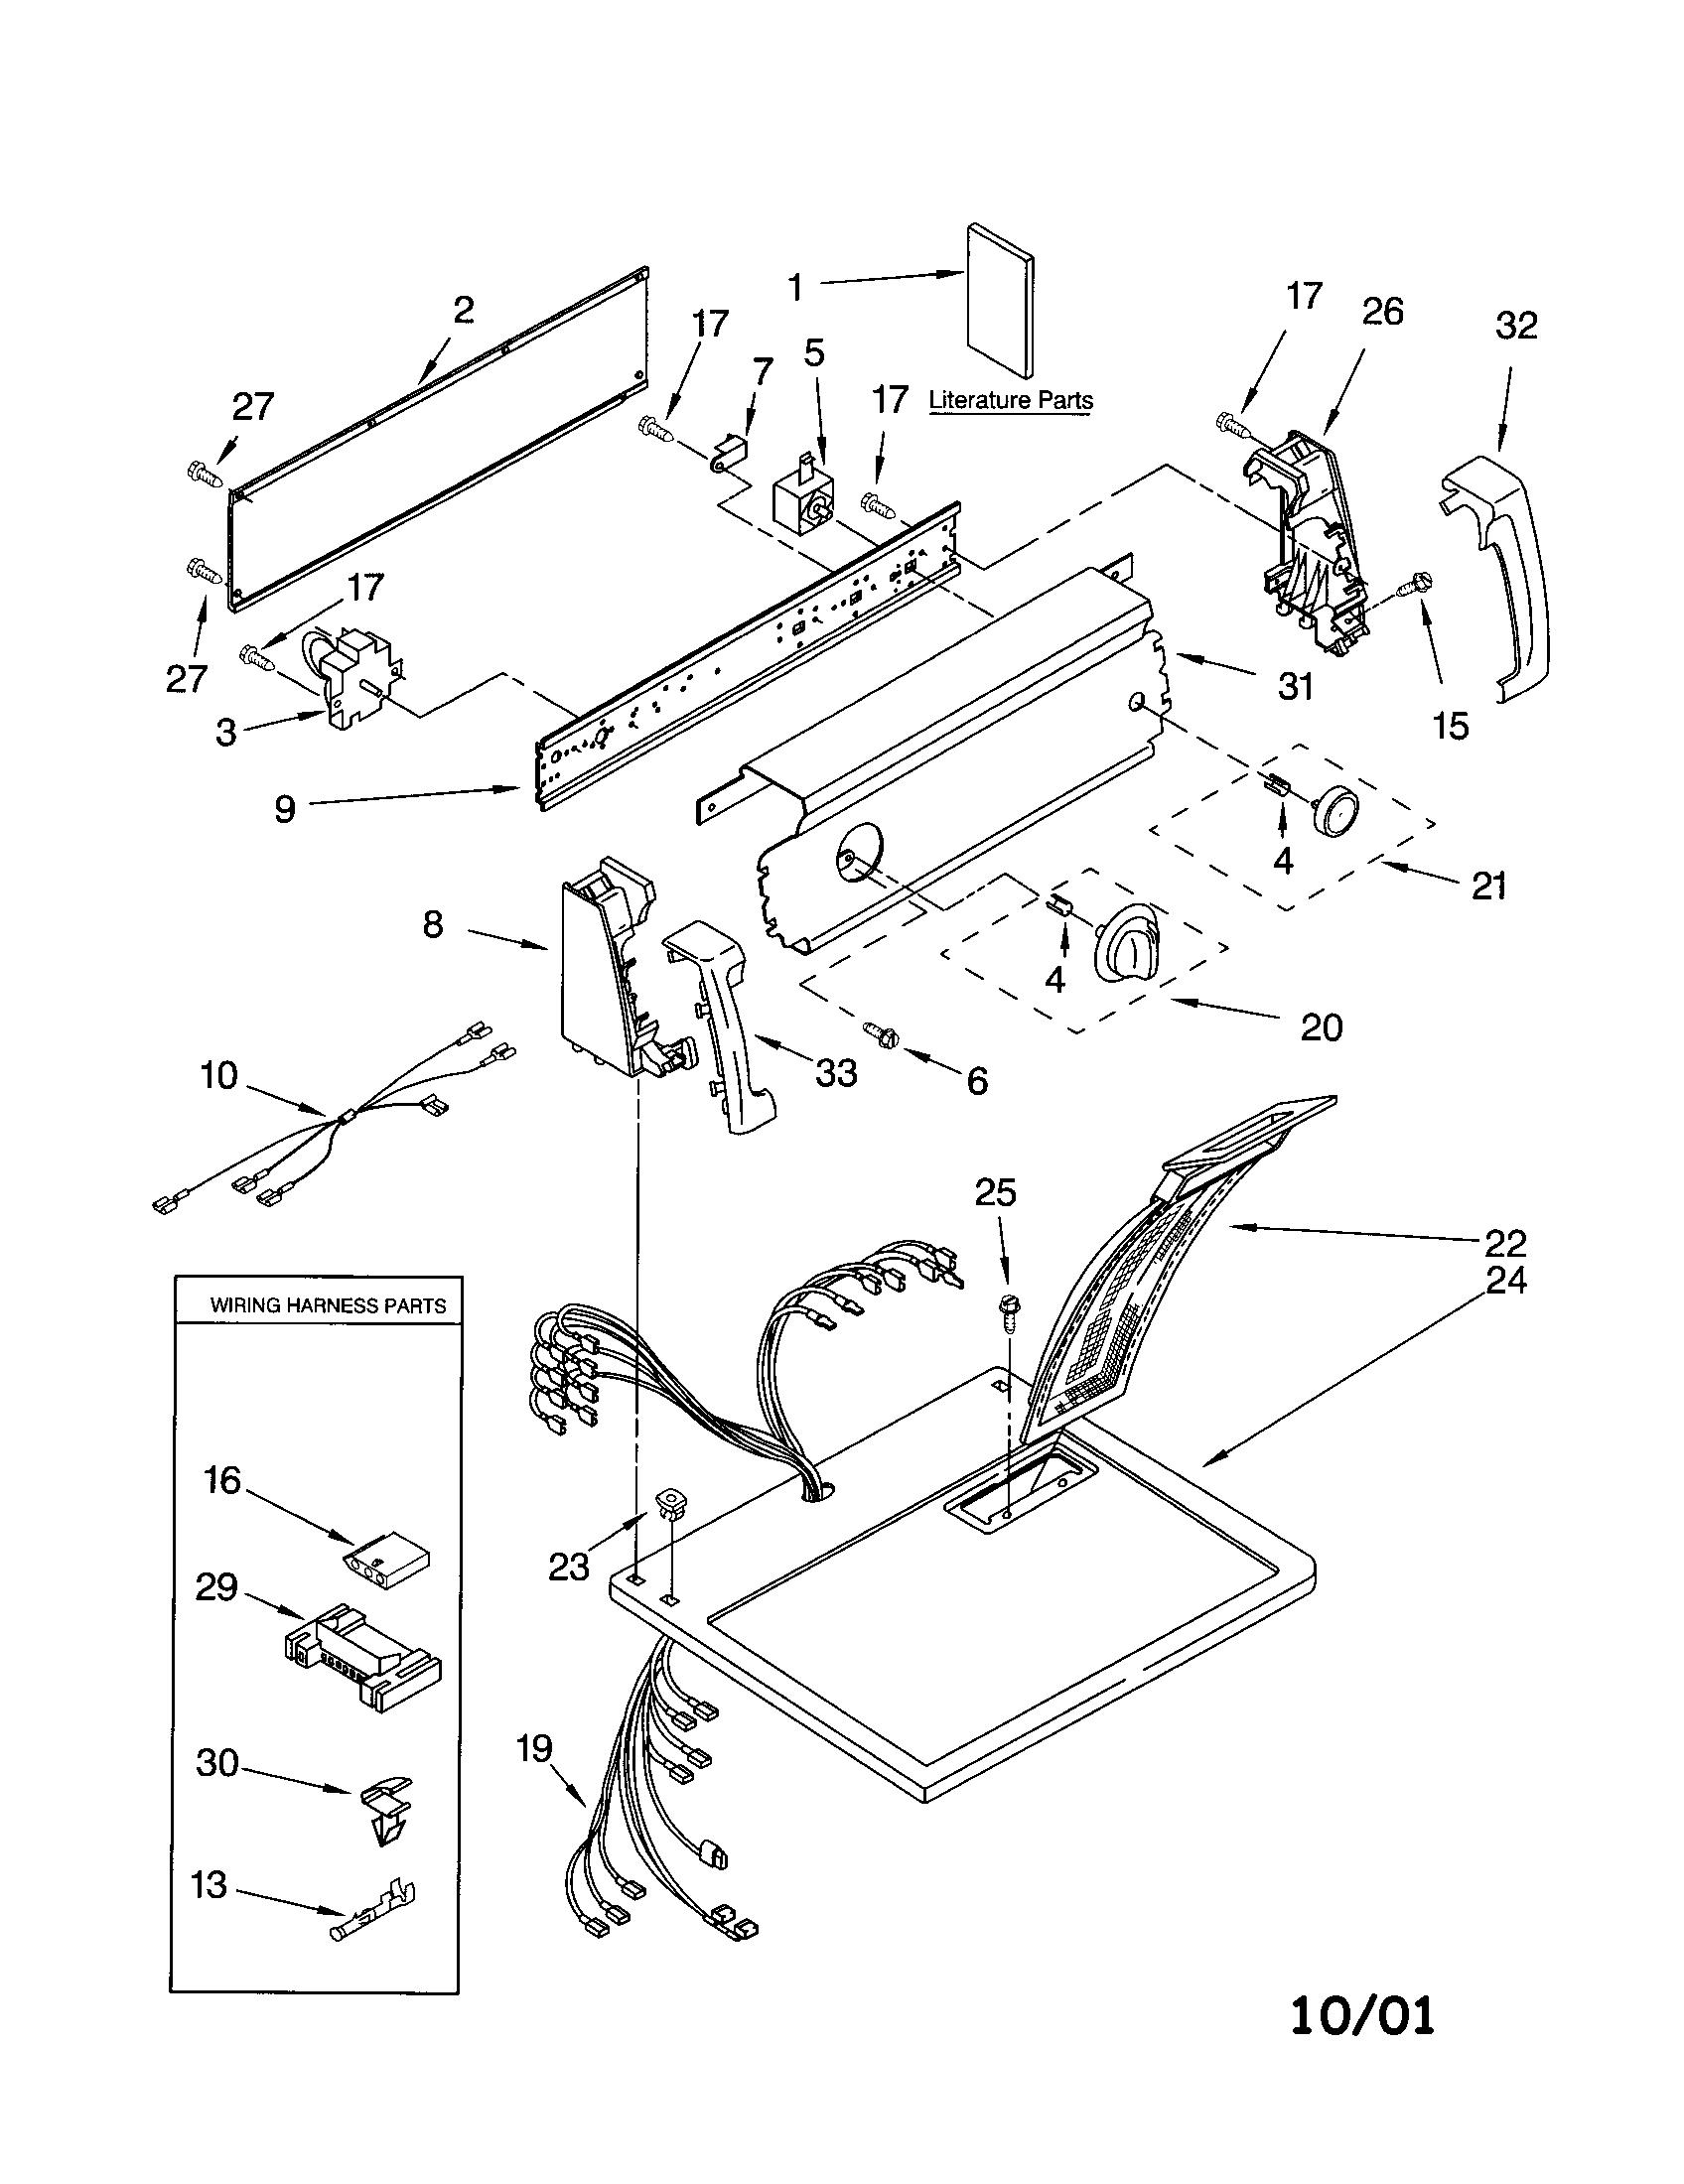 Kenmore Elite Dishwasher Model 465 3333600 Wiring Diagram Skidoo – Kenmore Elite Dishwasher Model 465 3333600 Wiring-diagram